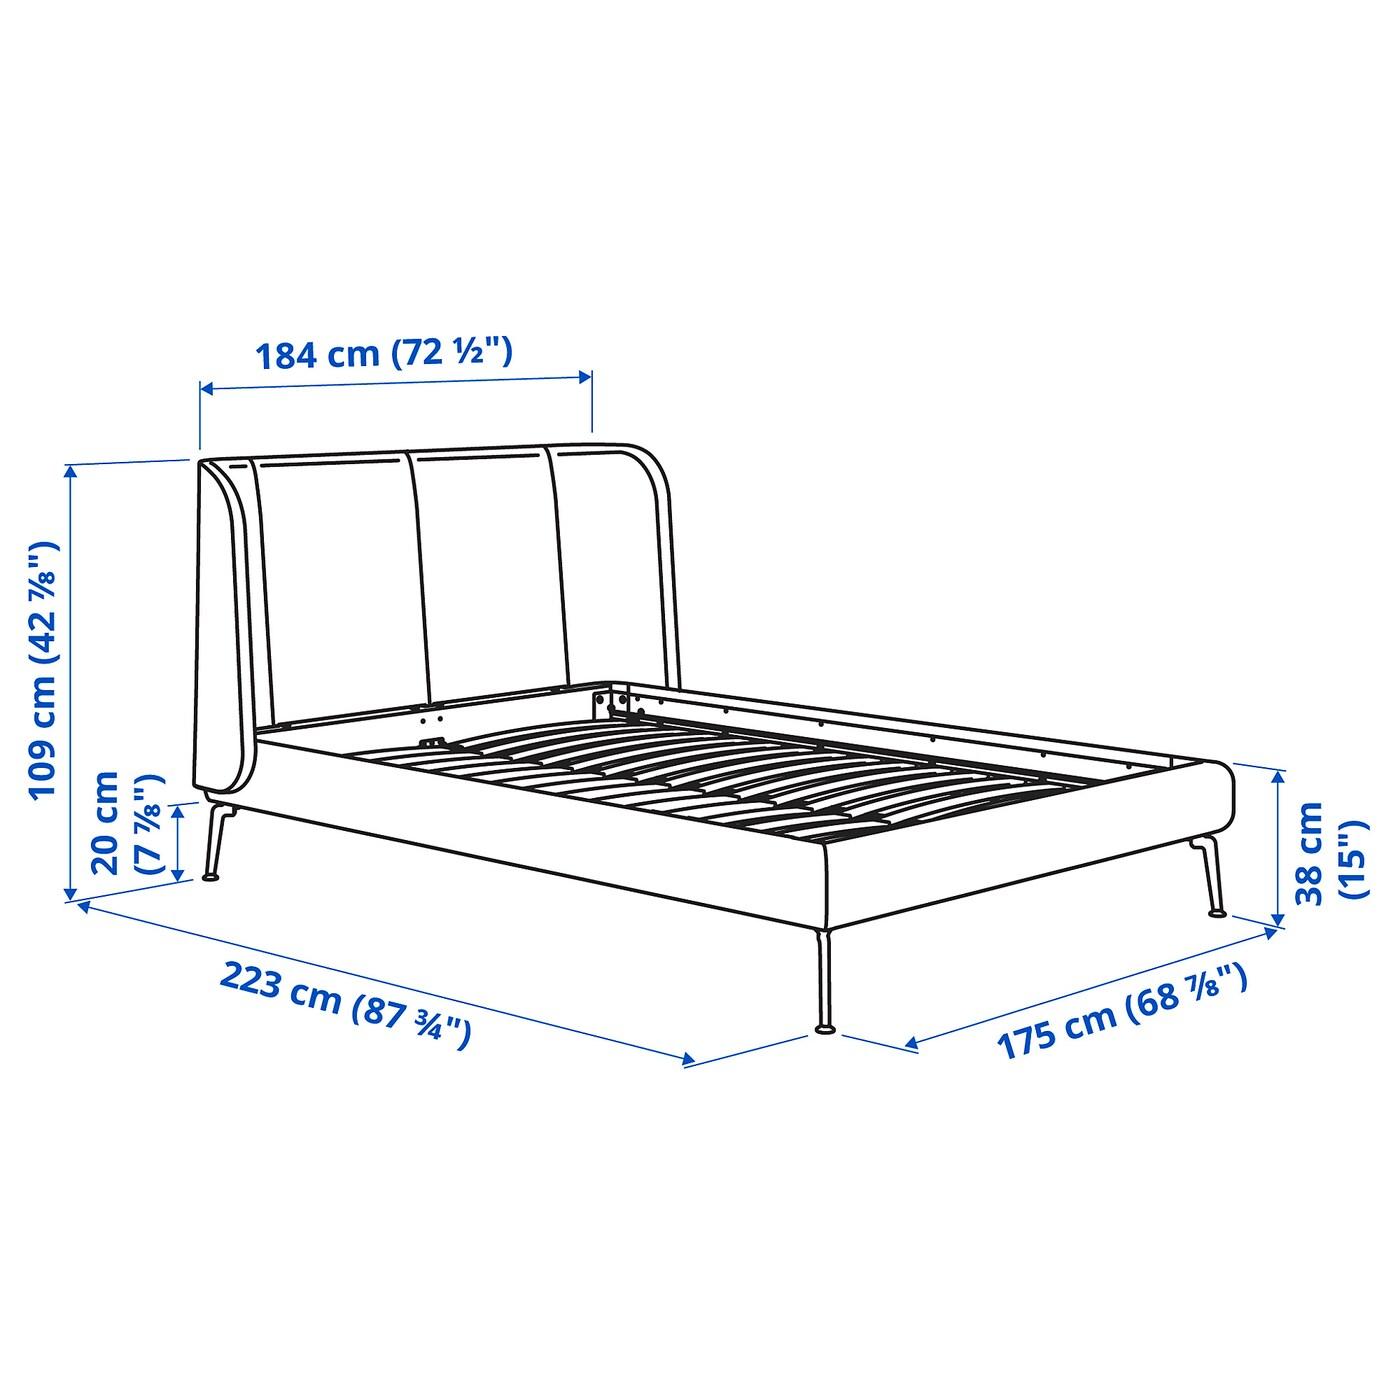 TUFJORD Upholstered bed frame - Gunnared blue 160x200 cm